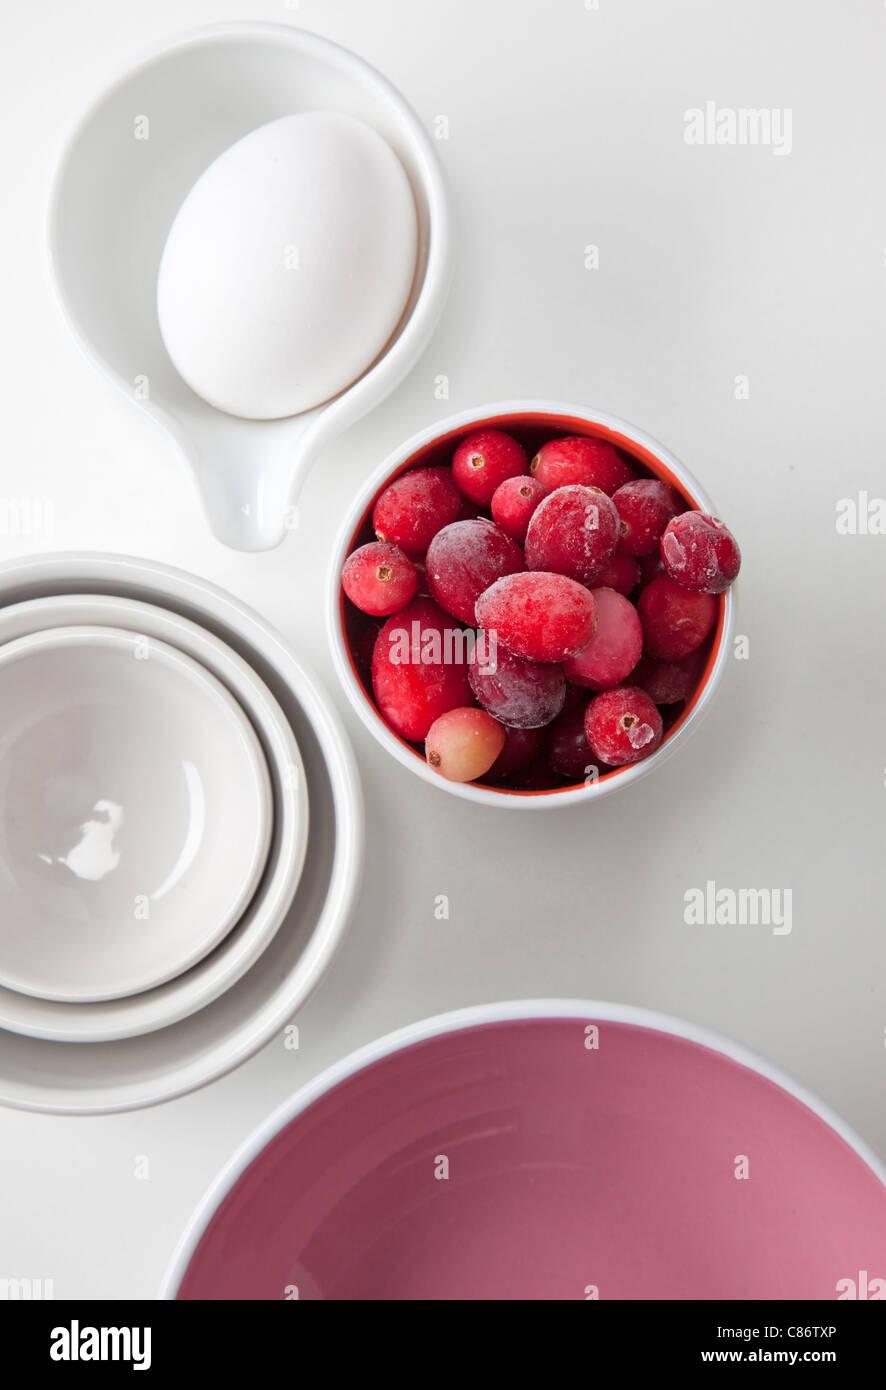 Kochen, Gegenstände und Lebensmittel Stockbild